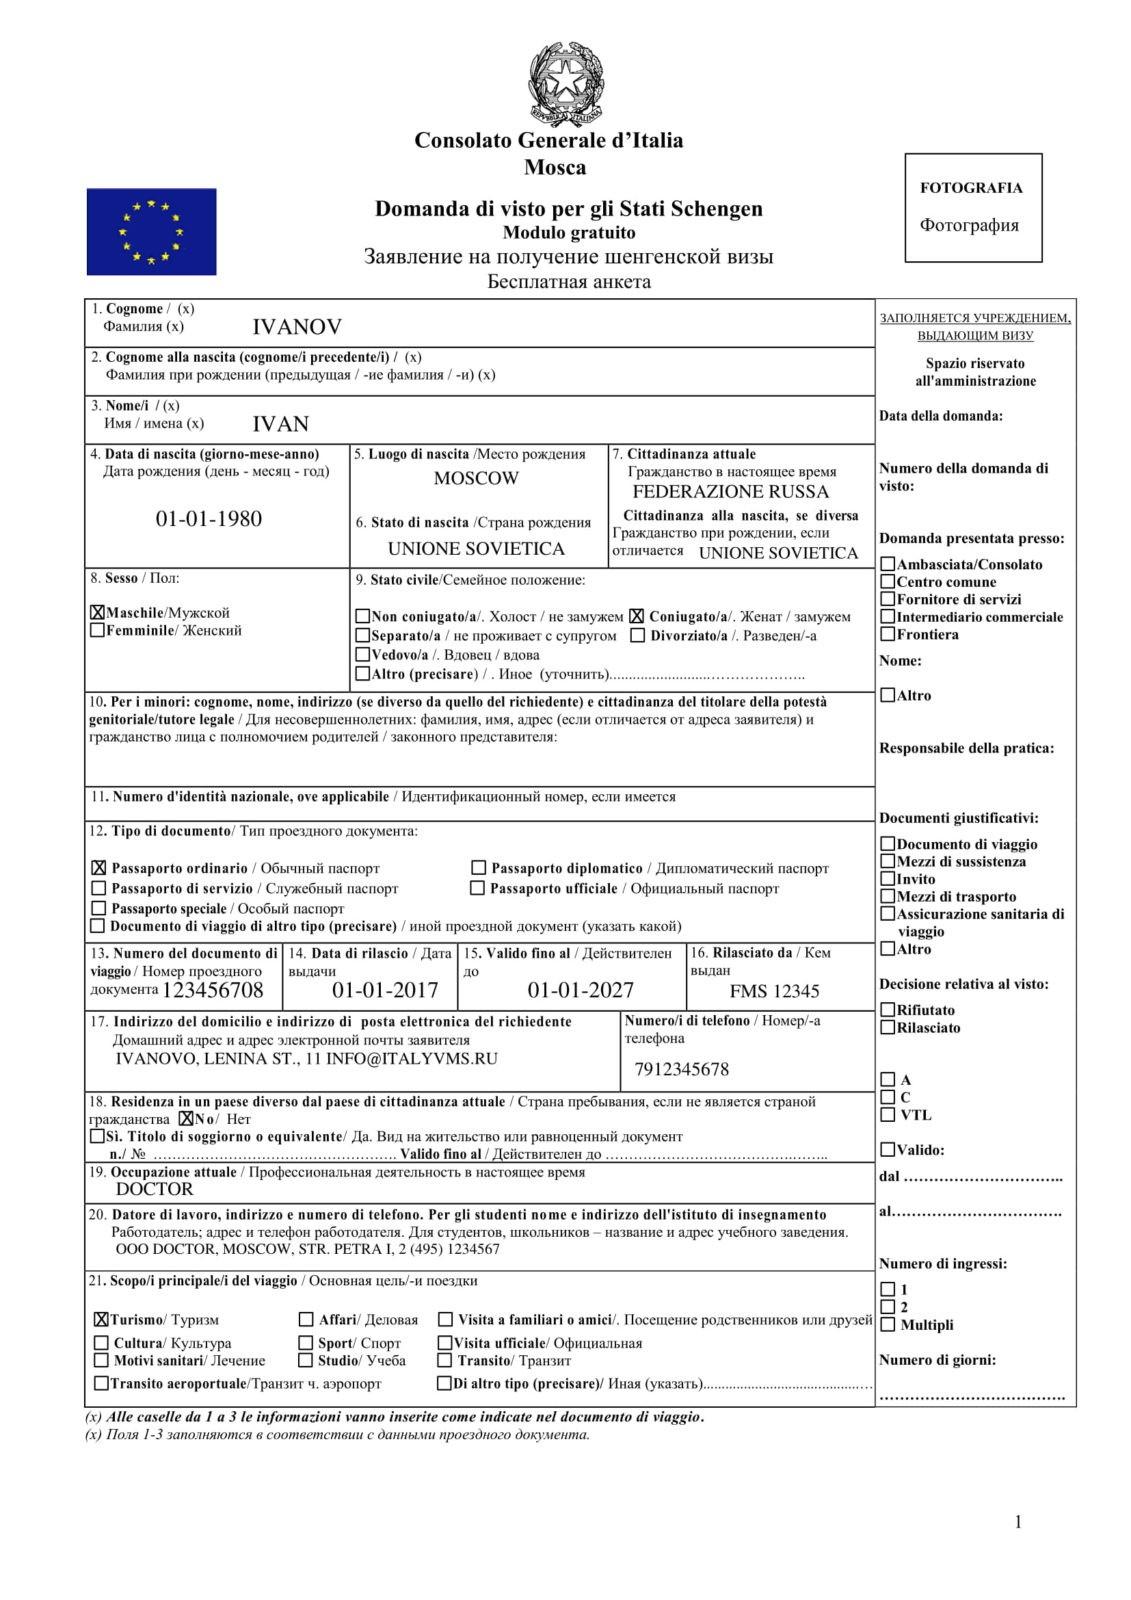 образец анкеты на визу в италию 1